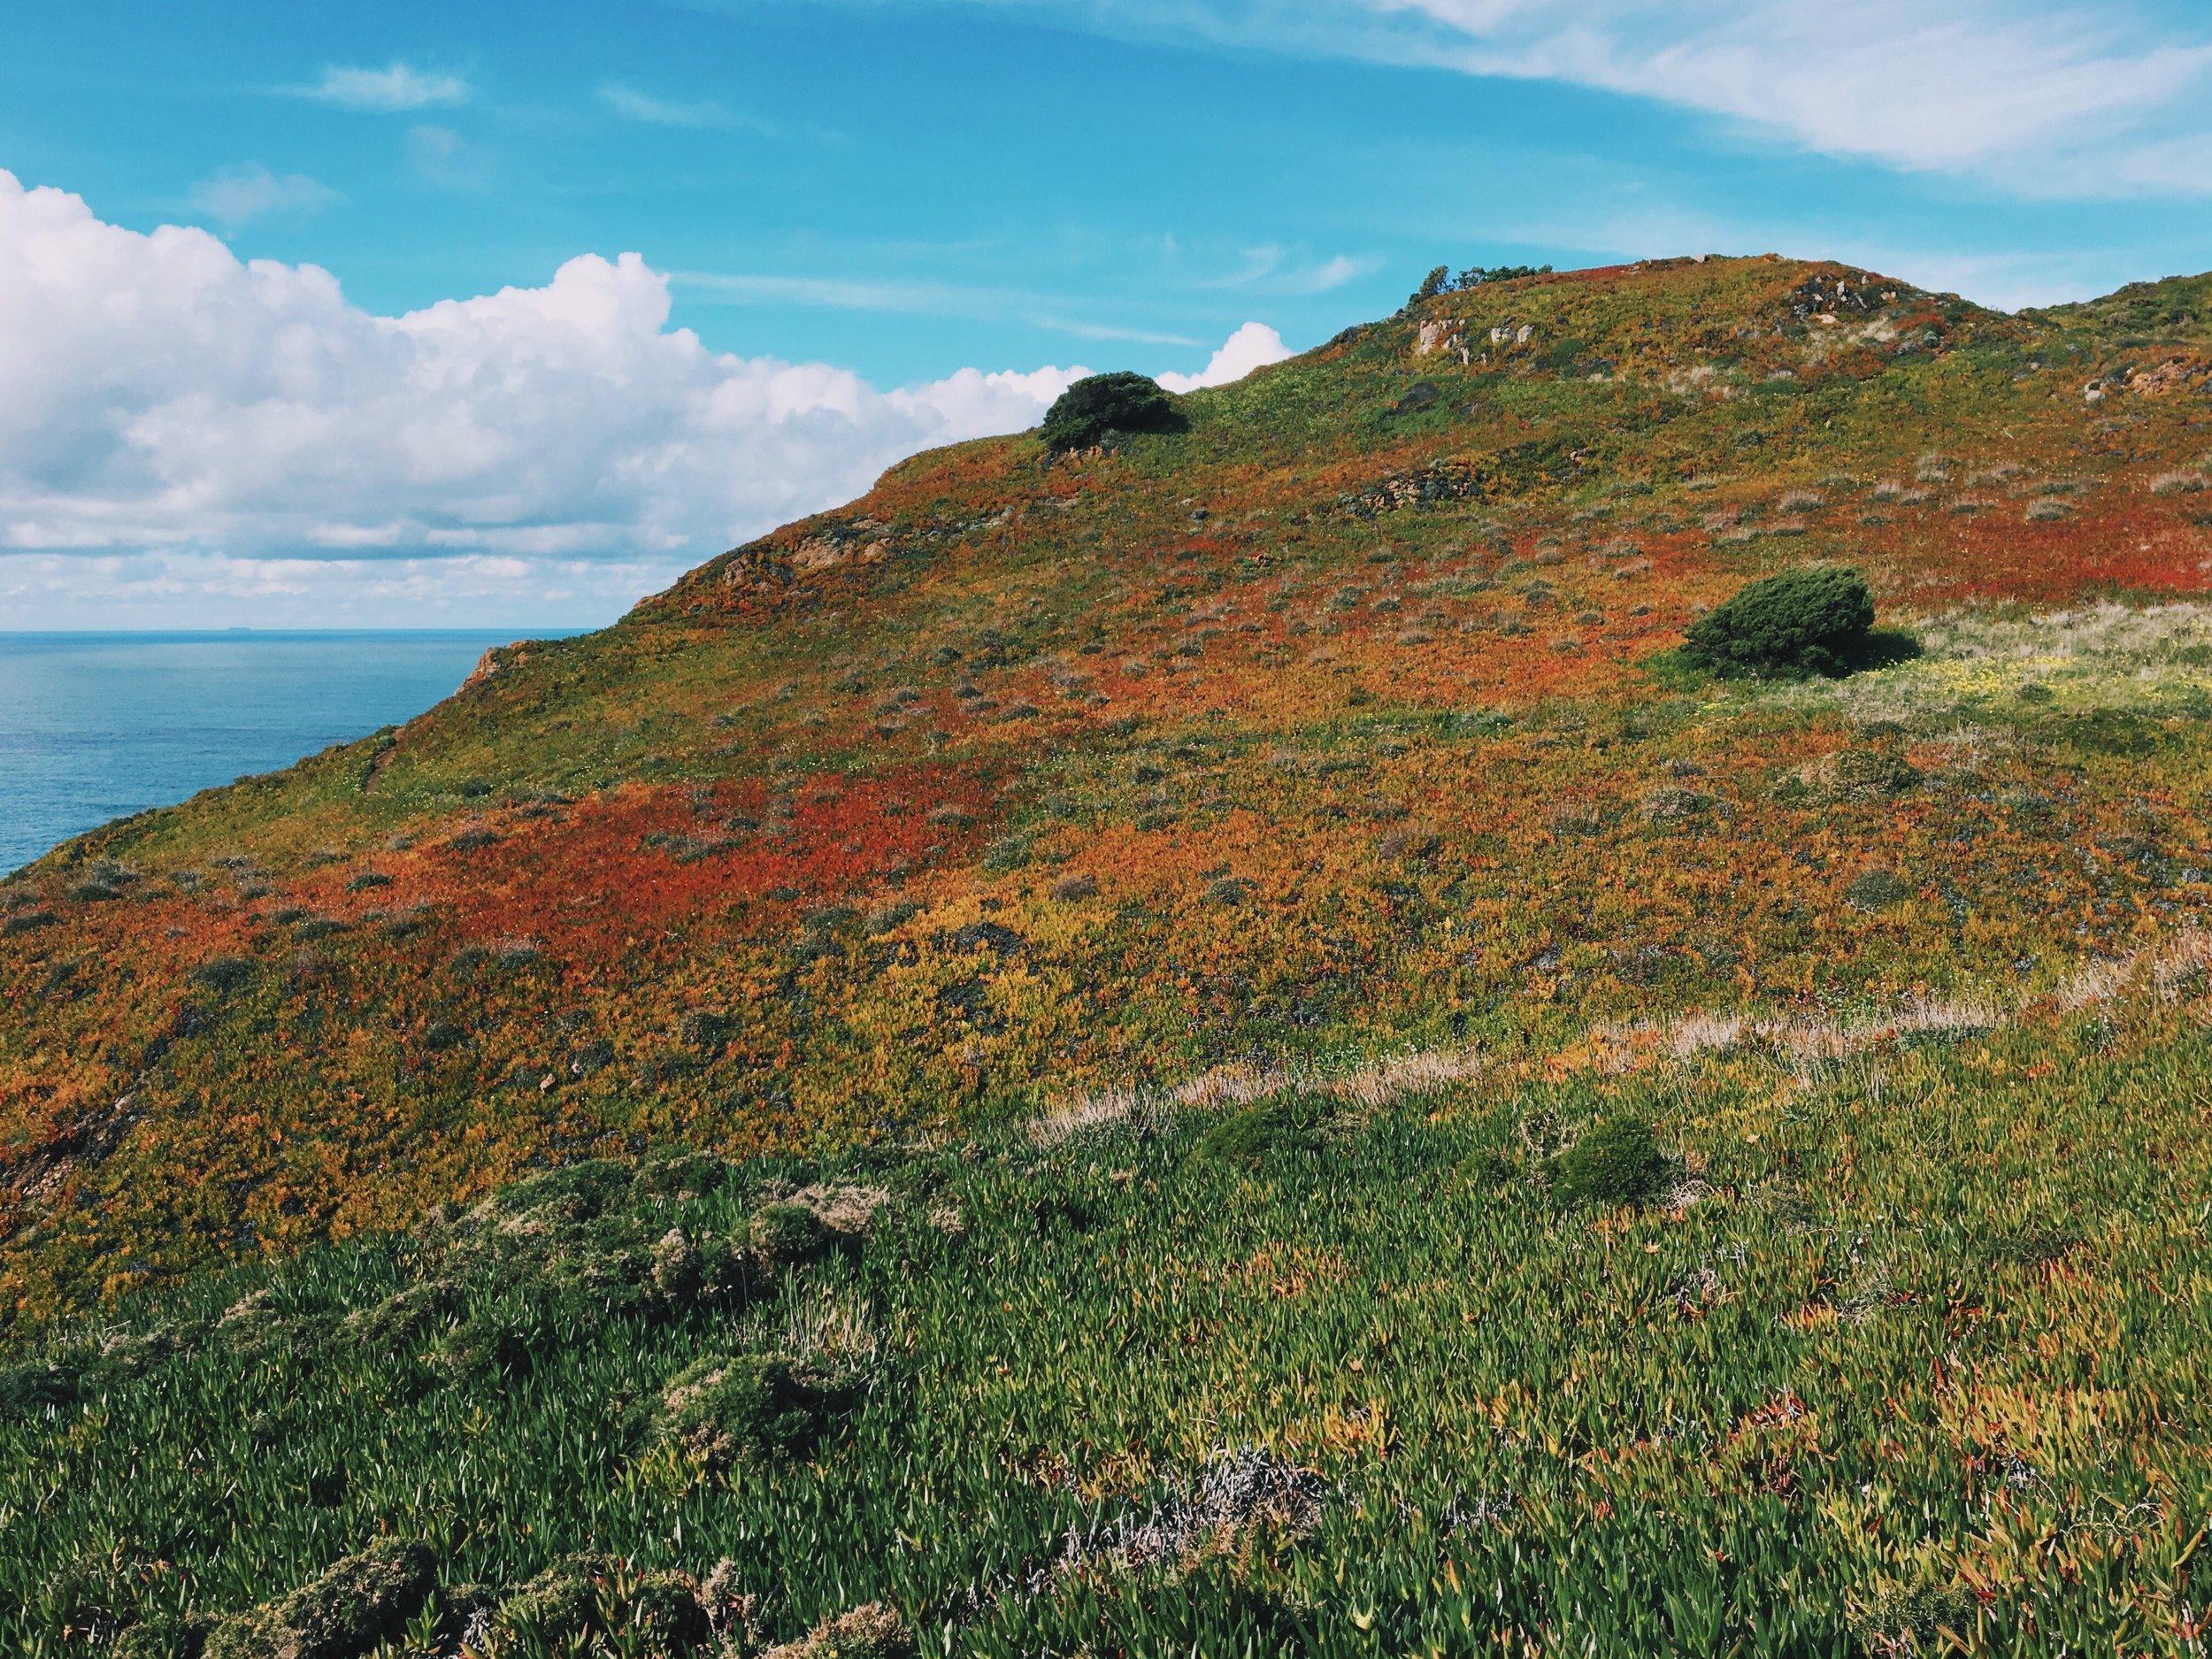 The colorful cliffs around Cabo da Roca.